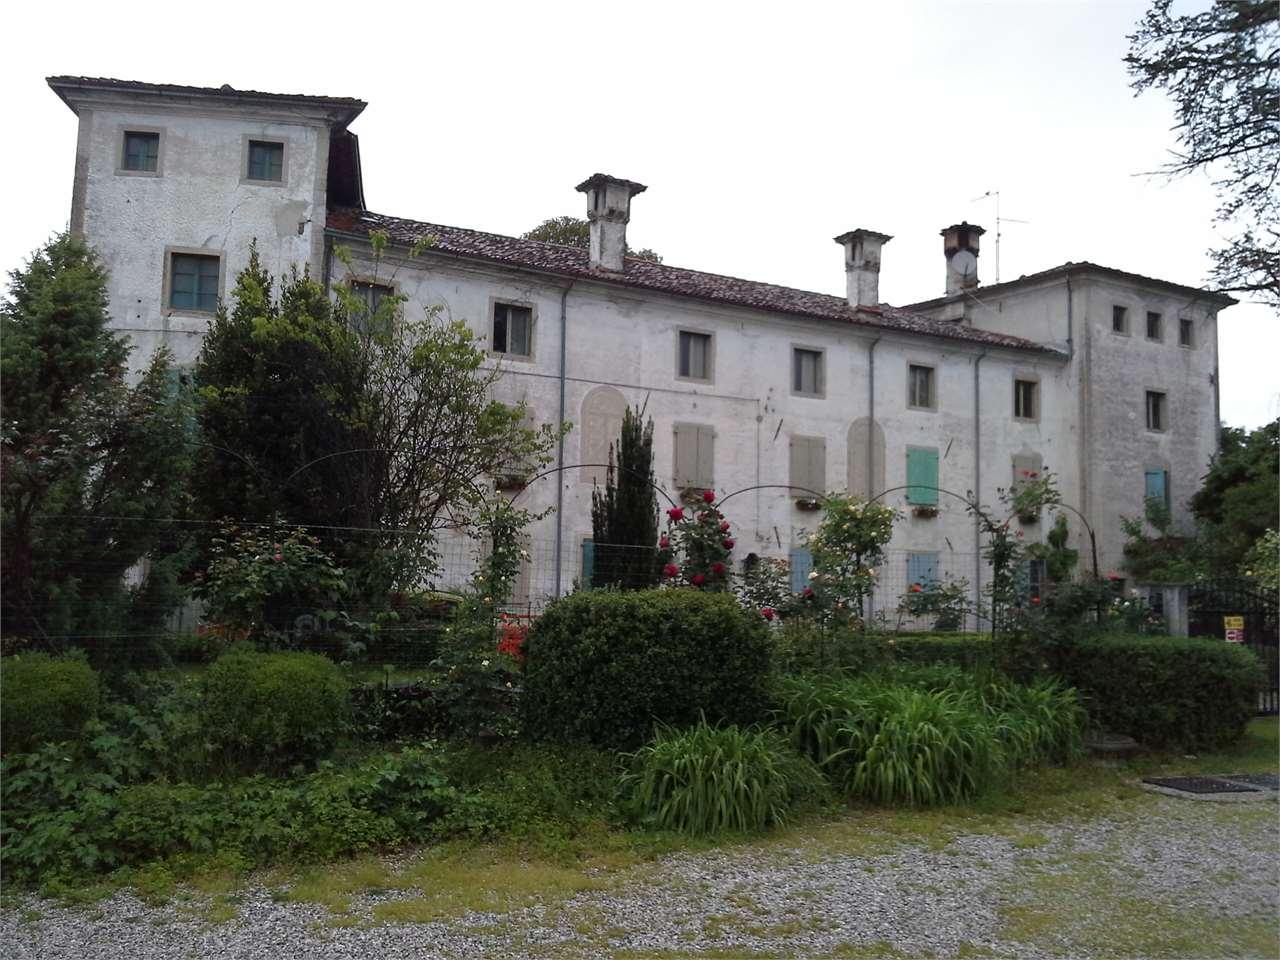 Rustico / Casale in vendita a Pordenone, 9999 locali, prezzo € 515.000 | CambioCasa.it